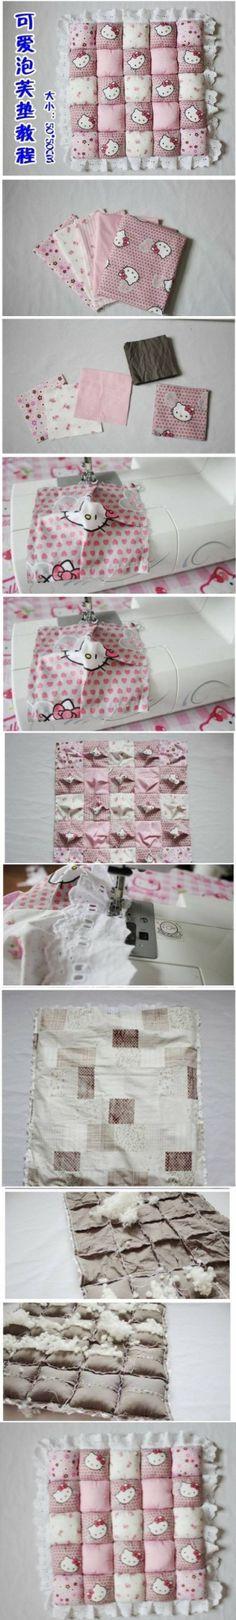 DIY Cute Little Puff Cushions DIY Cute Little Puff Cushions by diyforever